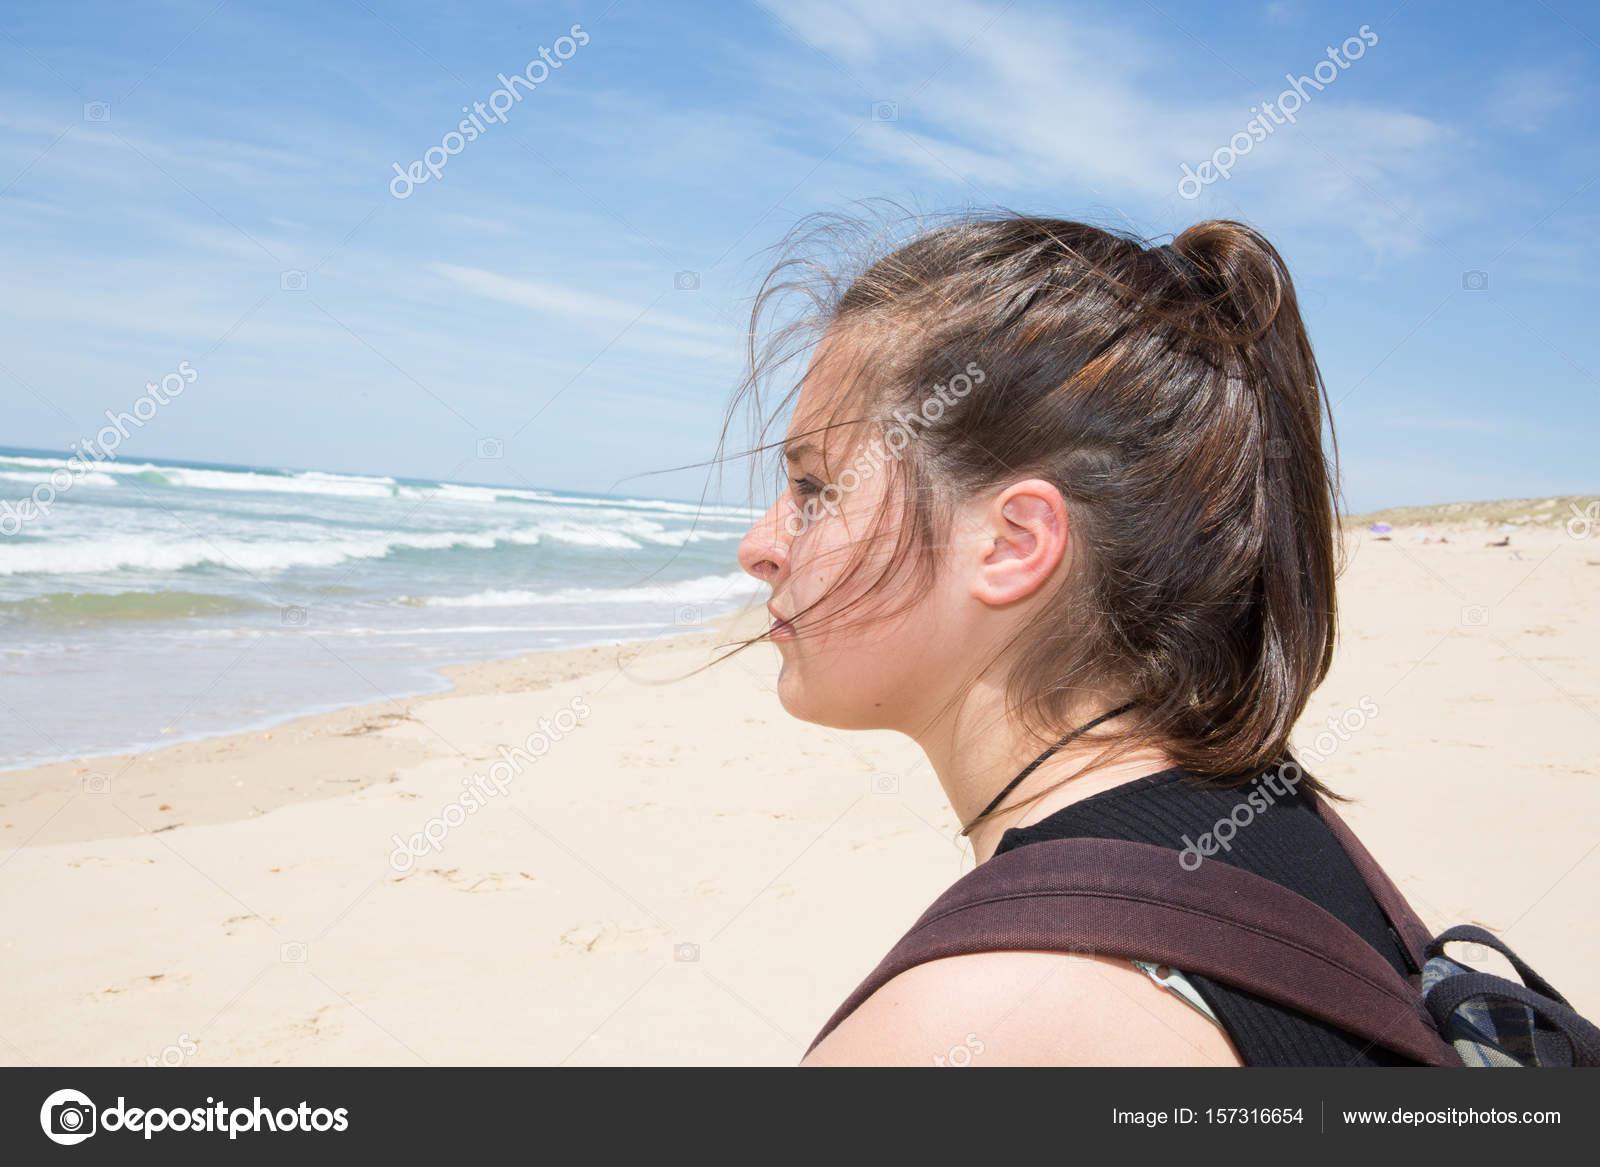 Verão De Praia Bonita Garota Perfil Deprimido Stock Photo